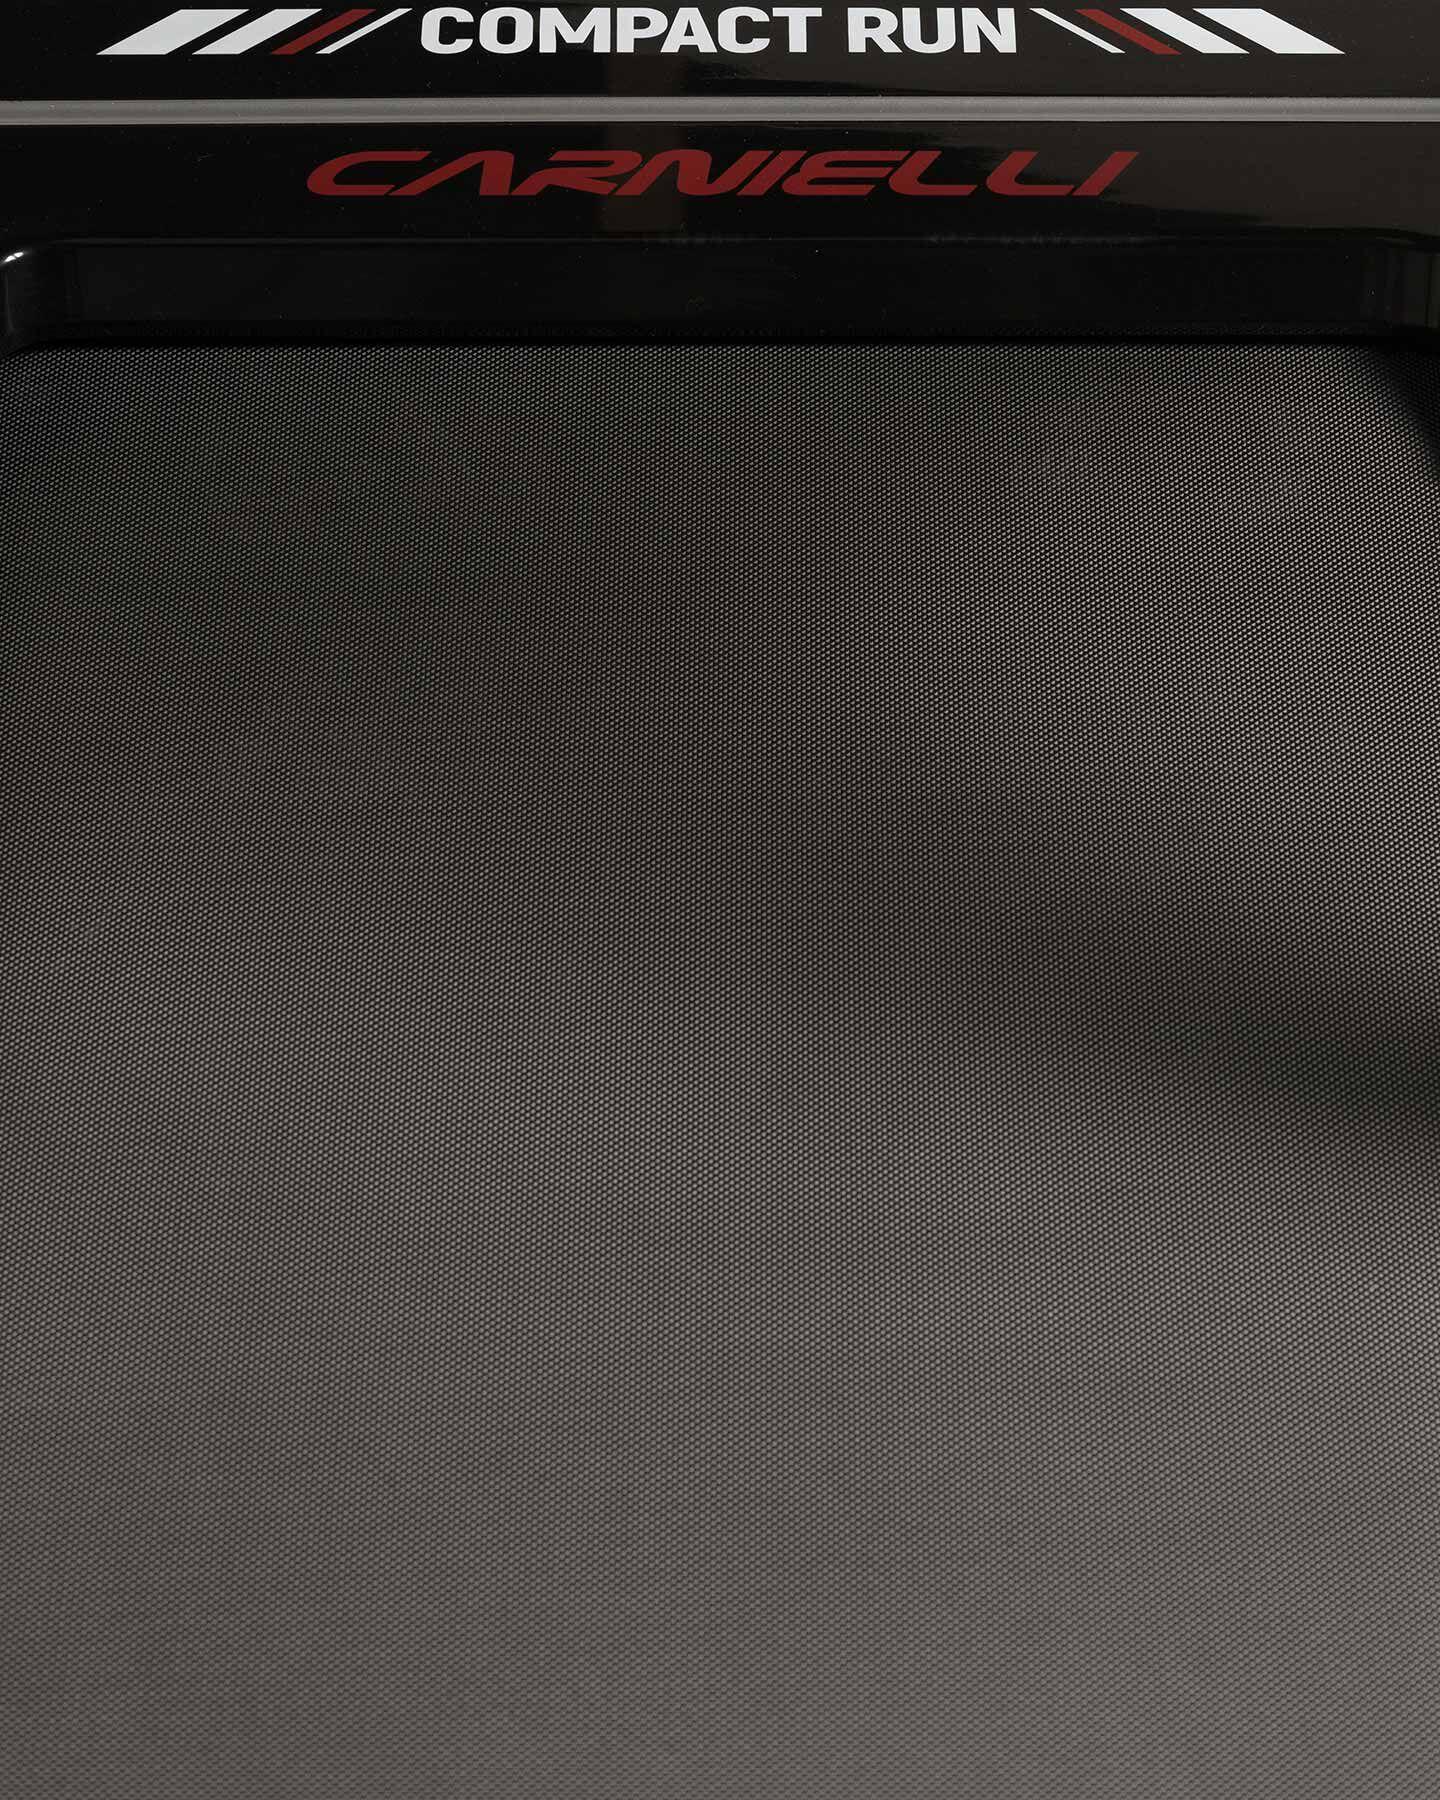 Tapis roulant CARNIELLI COMPACT RUN S4092352|1|UNI scatto 3